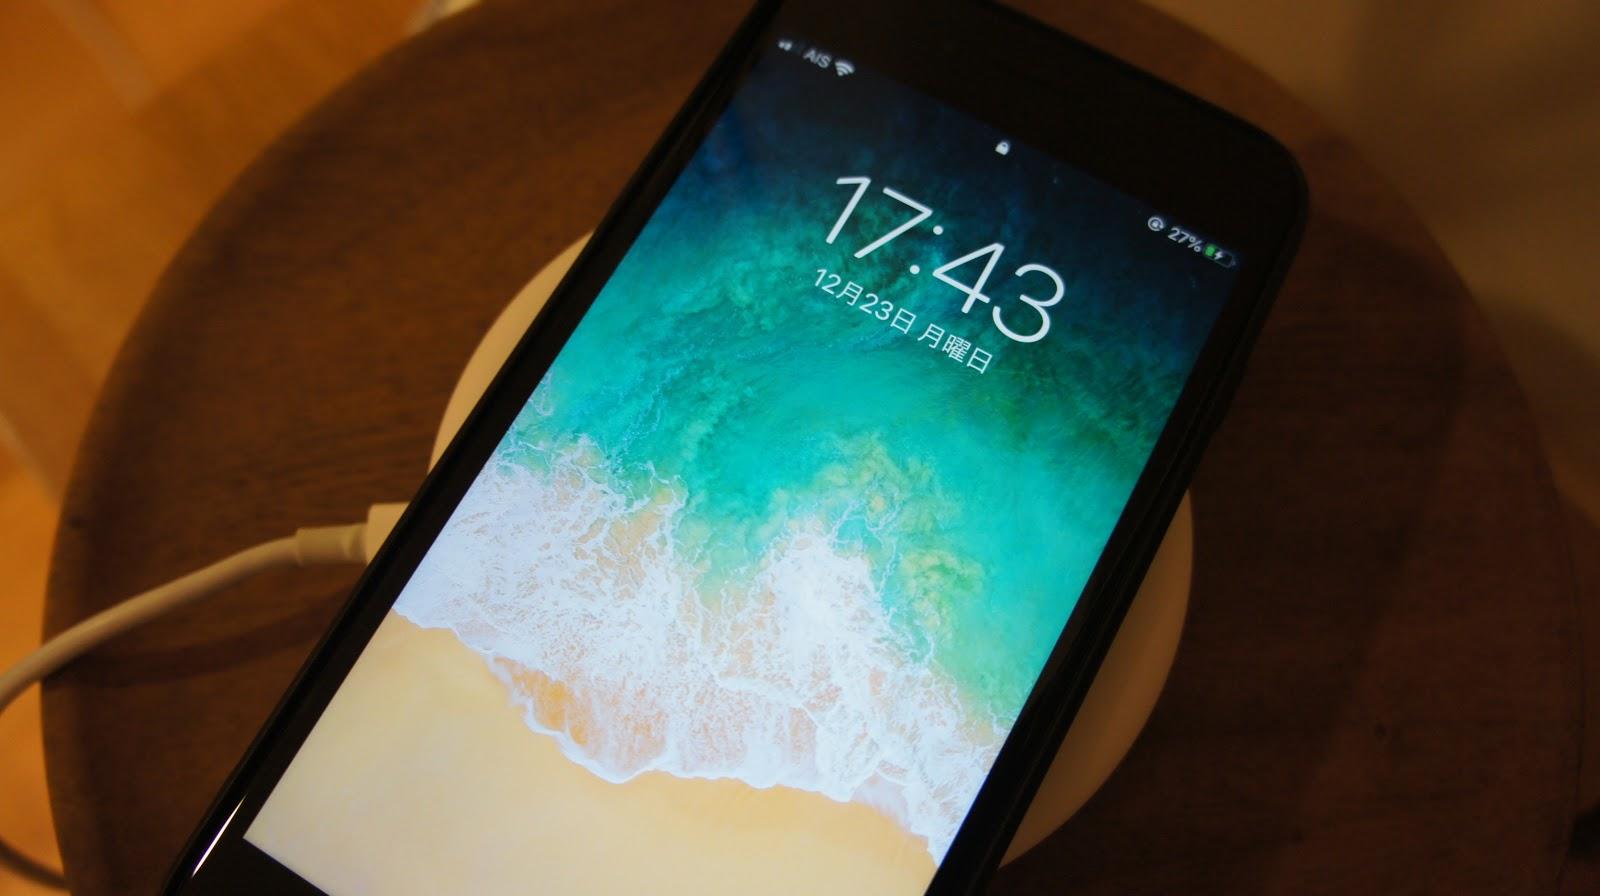 Iphone ワイヤレス 充電 【2021年】ワイヤレス充電器おすすめランキング12選。iPhone、Galaxy用のベストは?